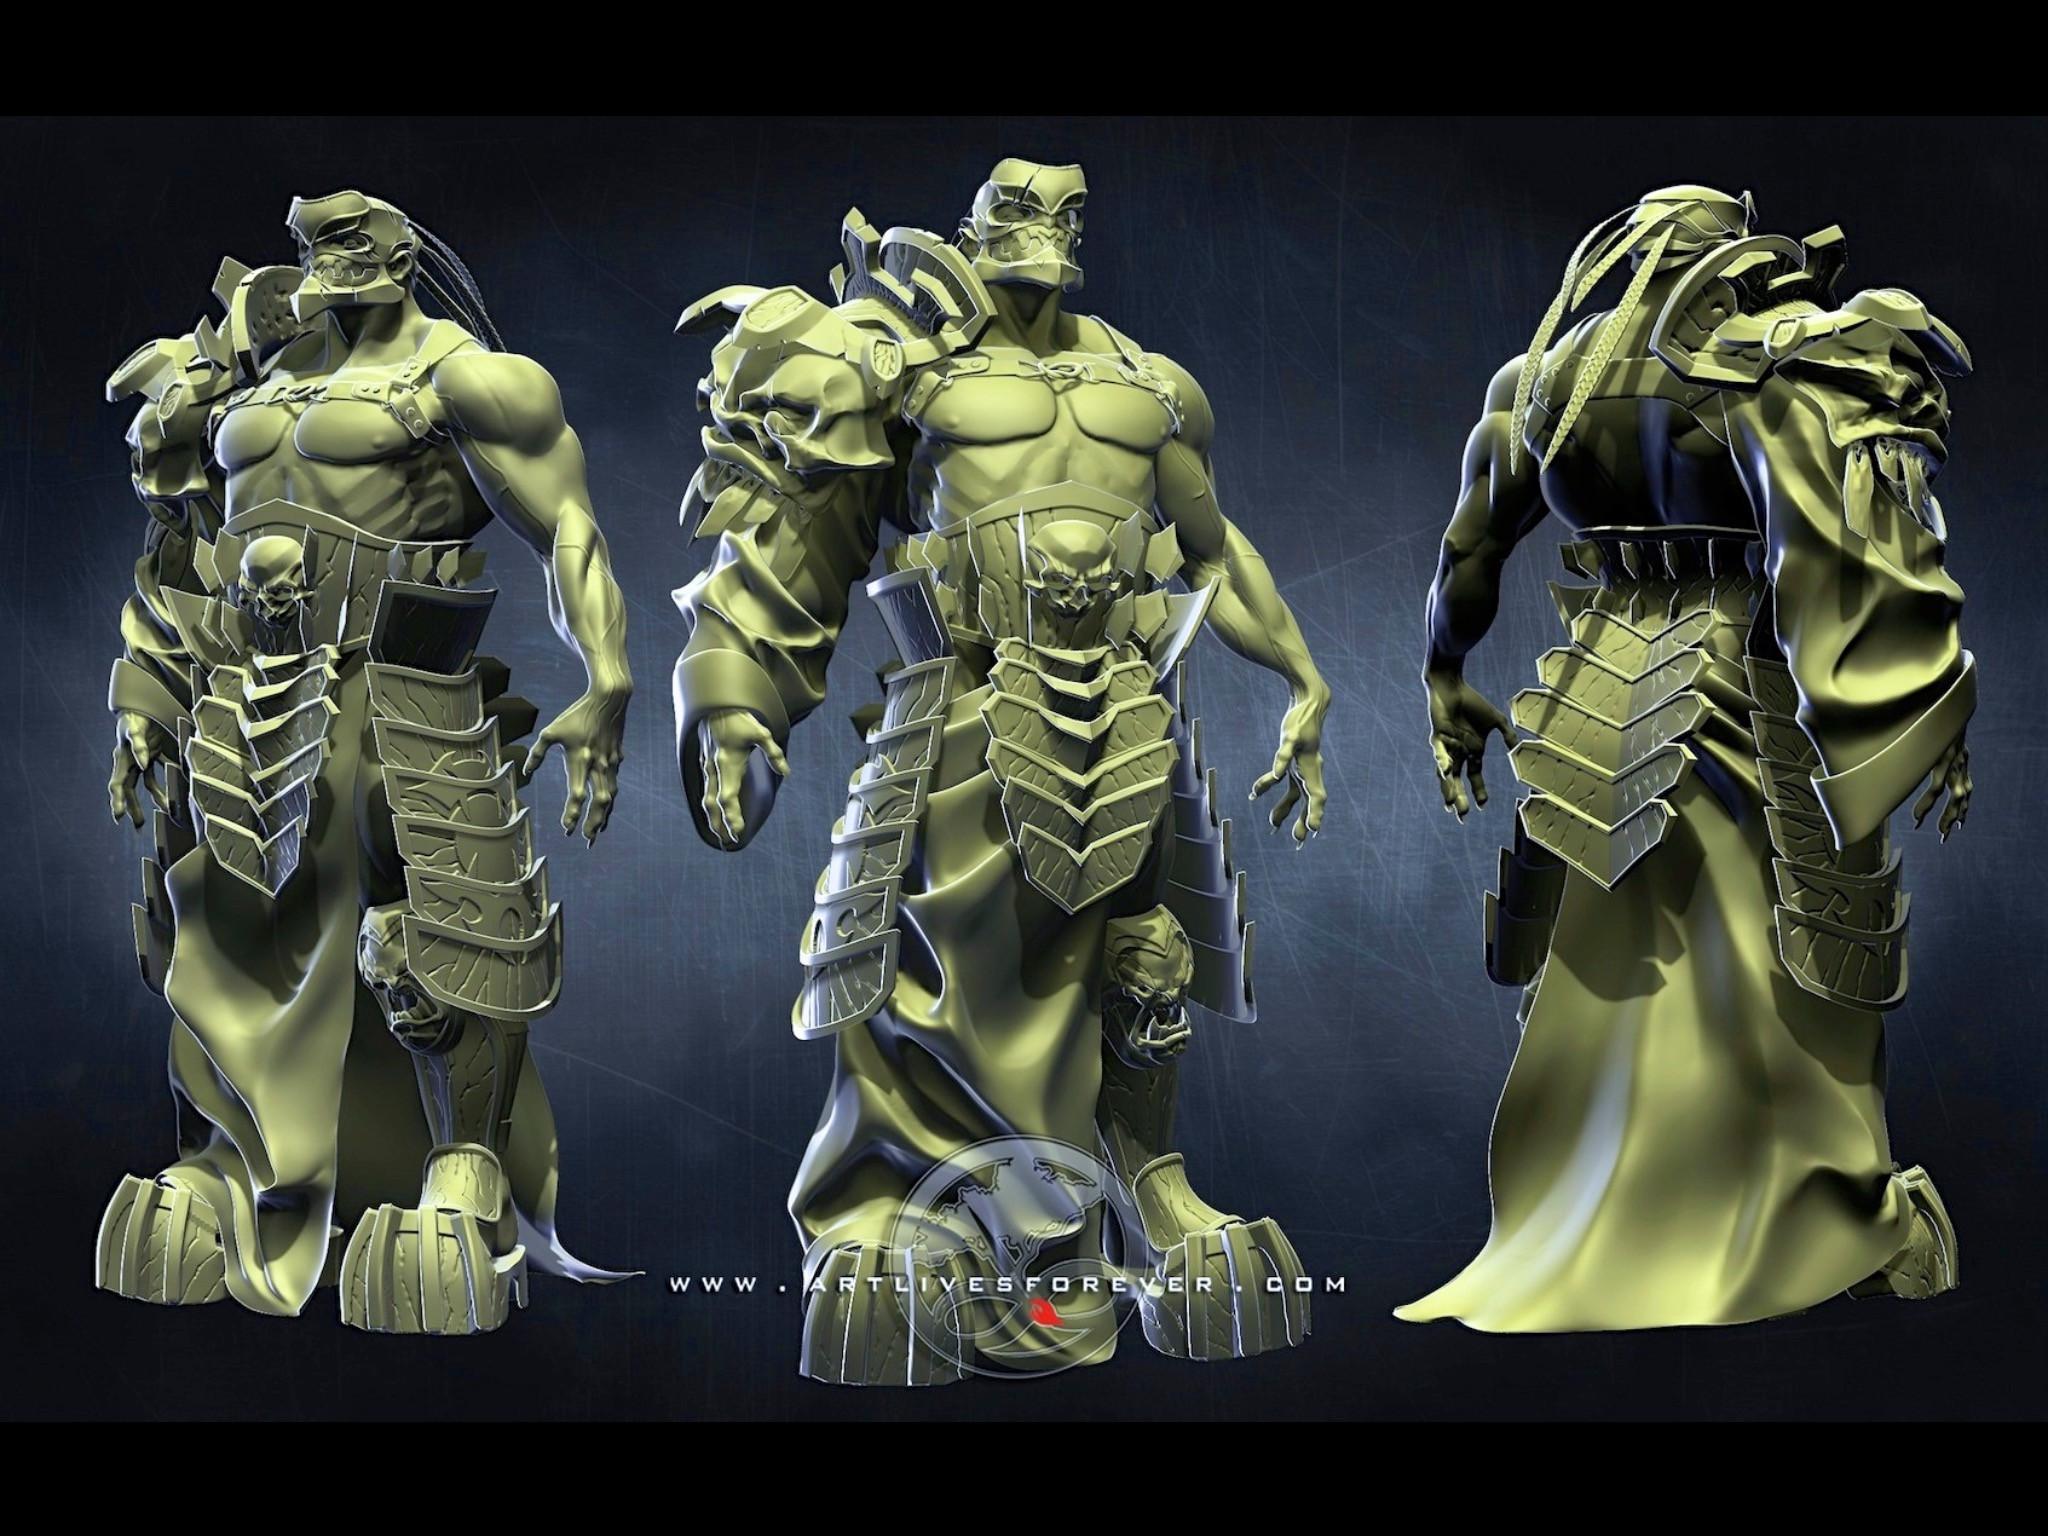 Urbaine's Orthos www.artlivesforever.com